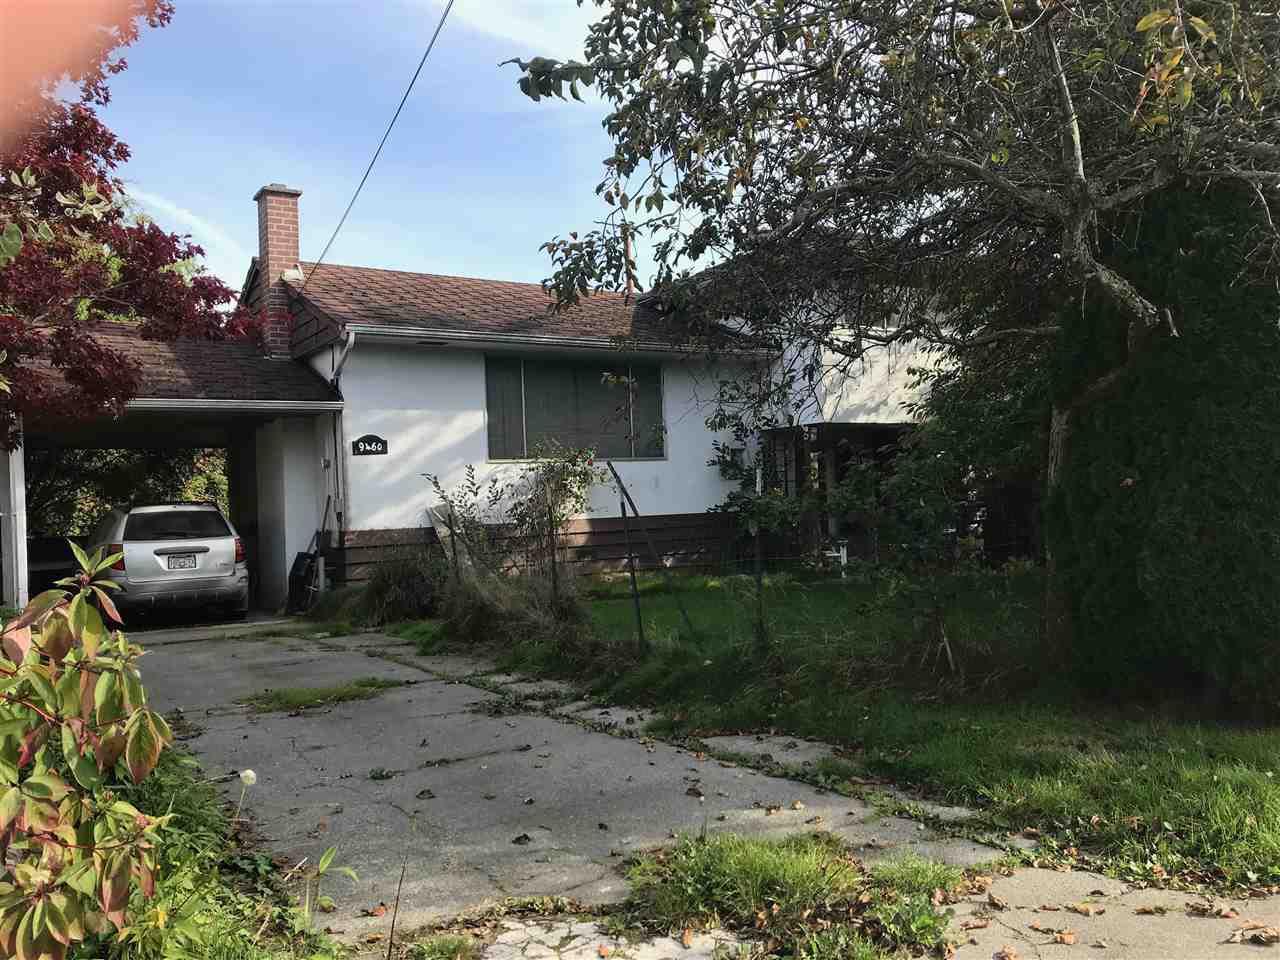 """Main Photo: 9460 DESMOND Road in Richmond: Seafair House for sale in """"SEAFAIR"""" : MLS®# R2316926"""